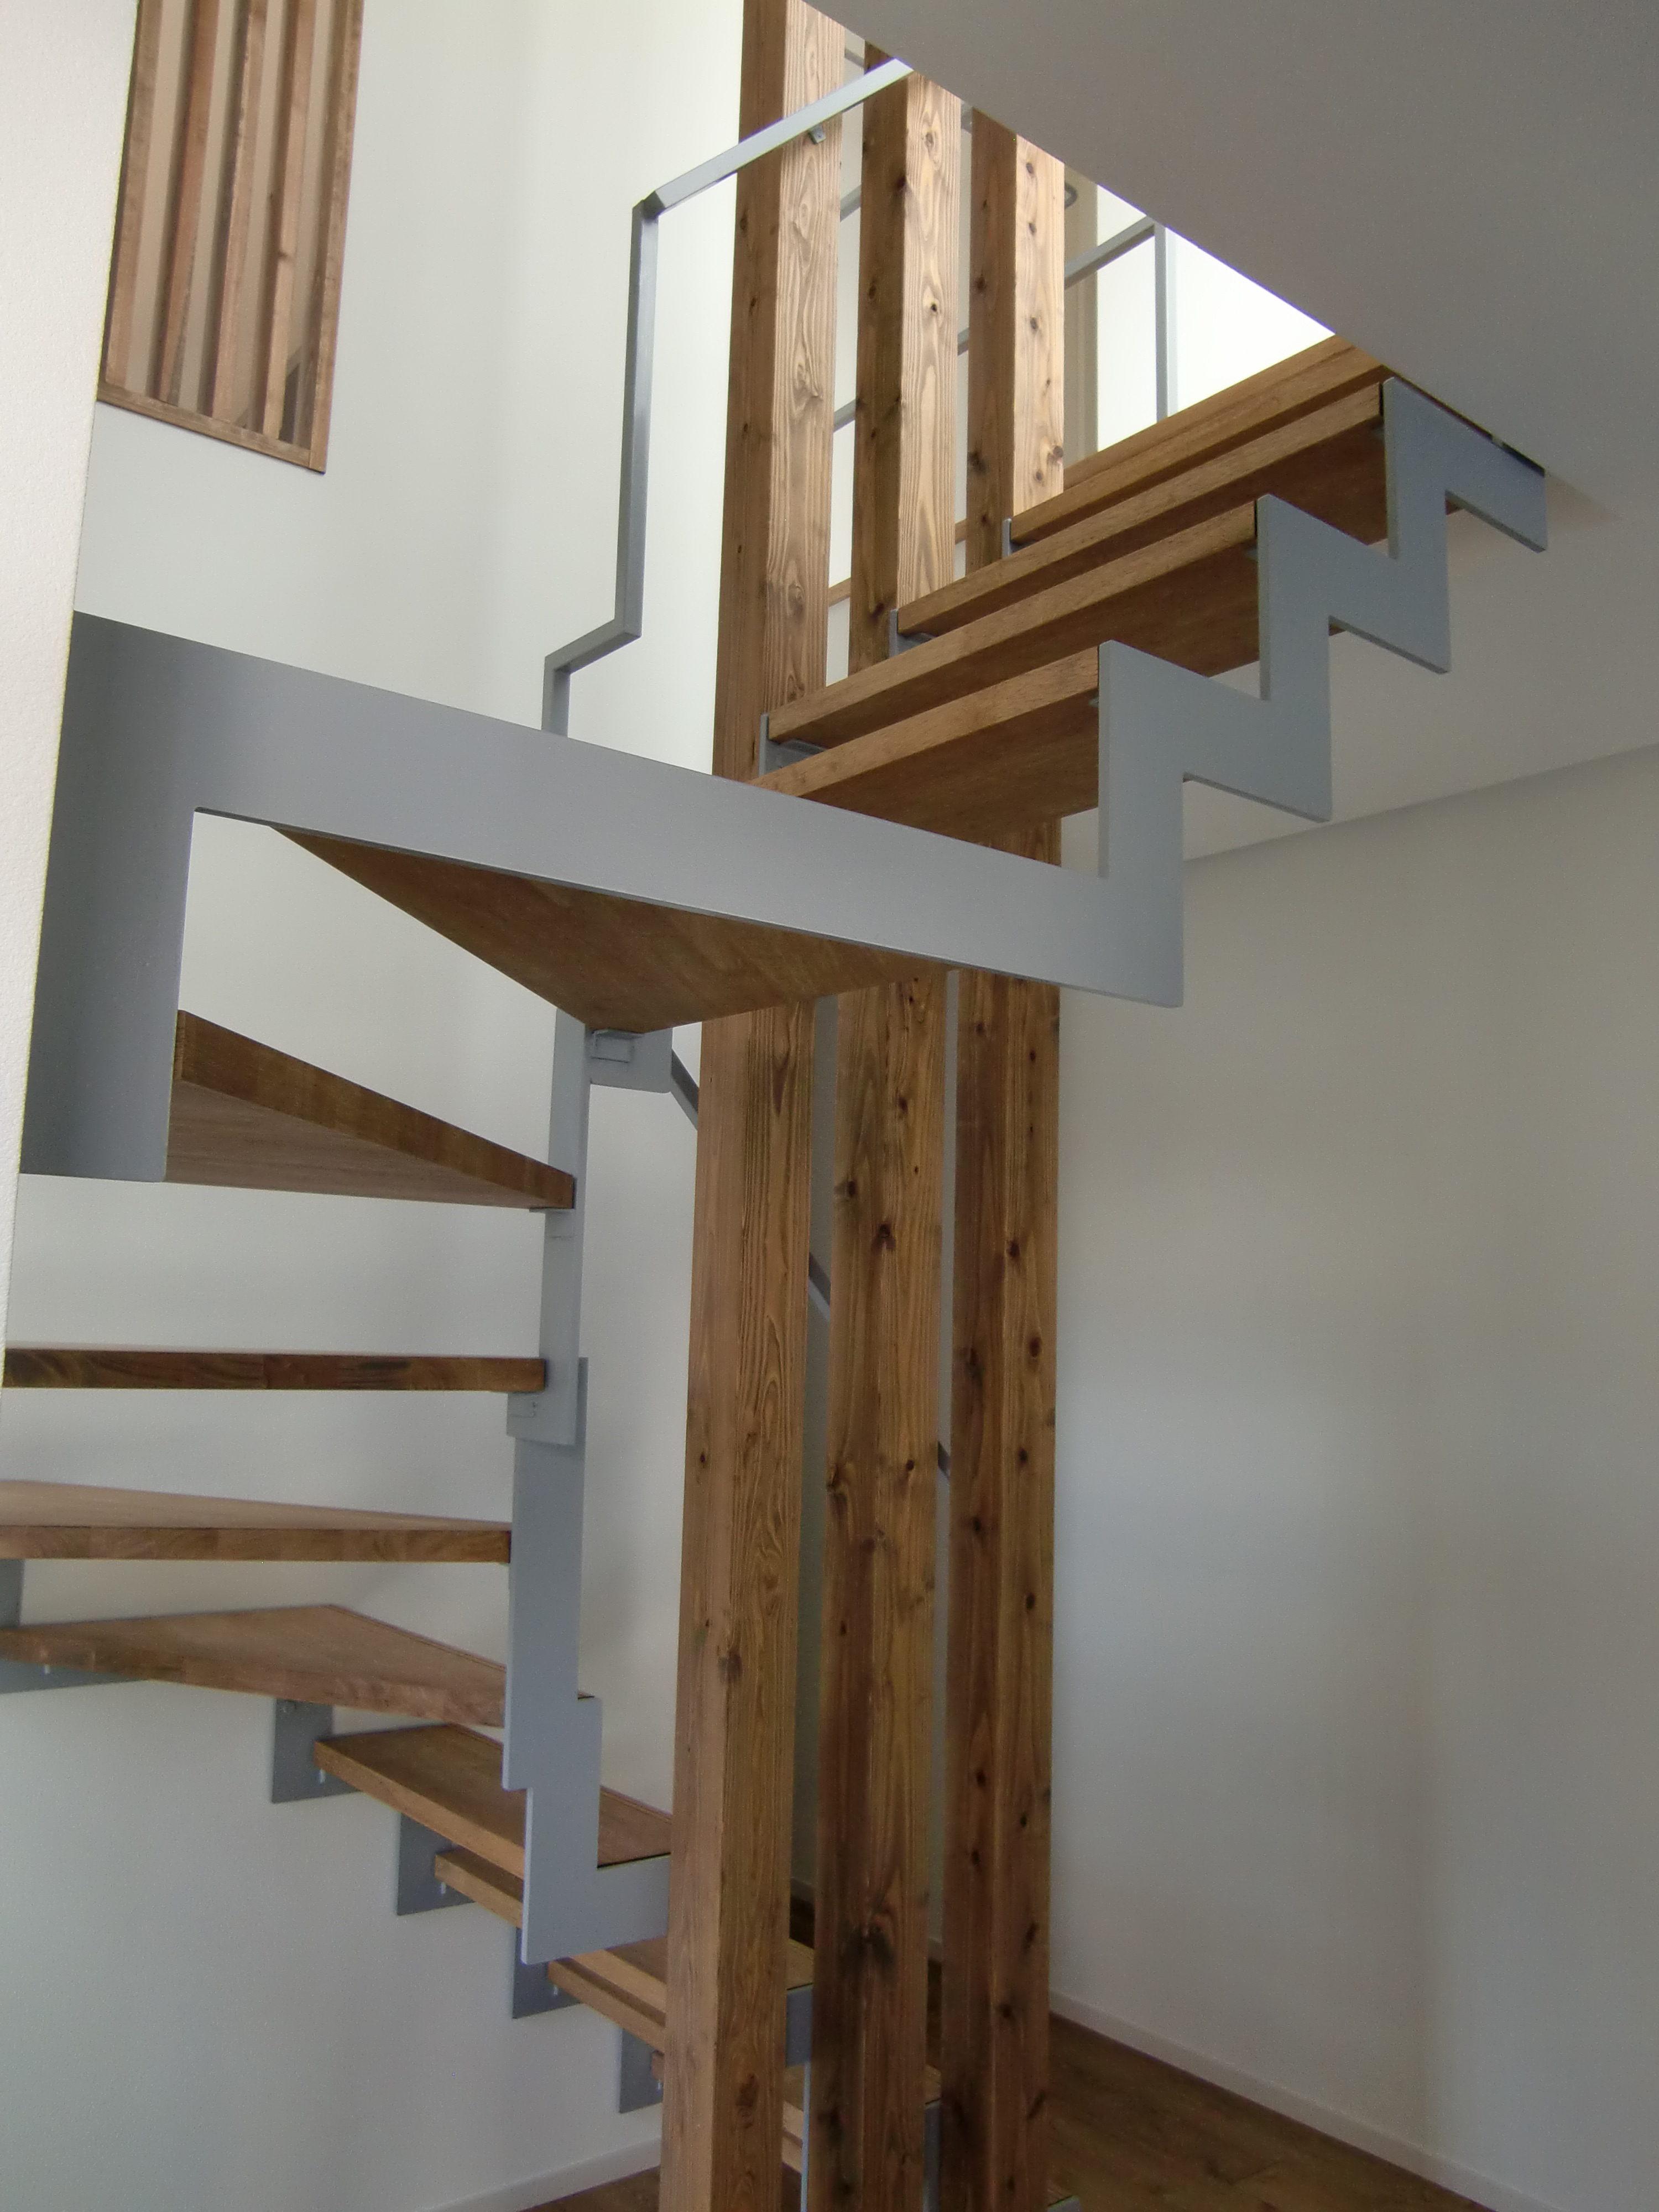 イナズマ型廻り鉄骨階段